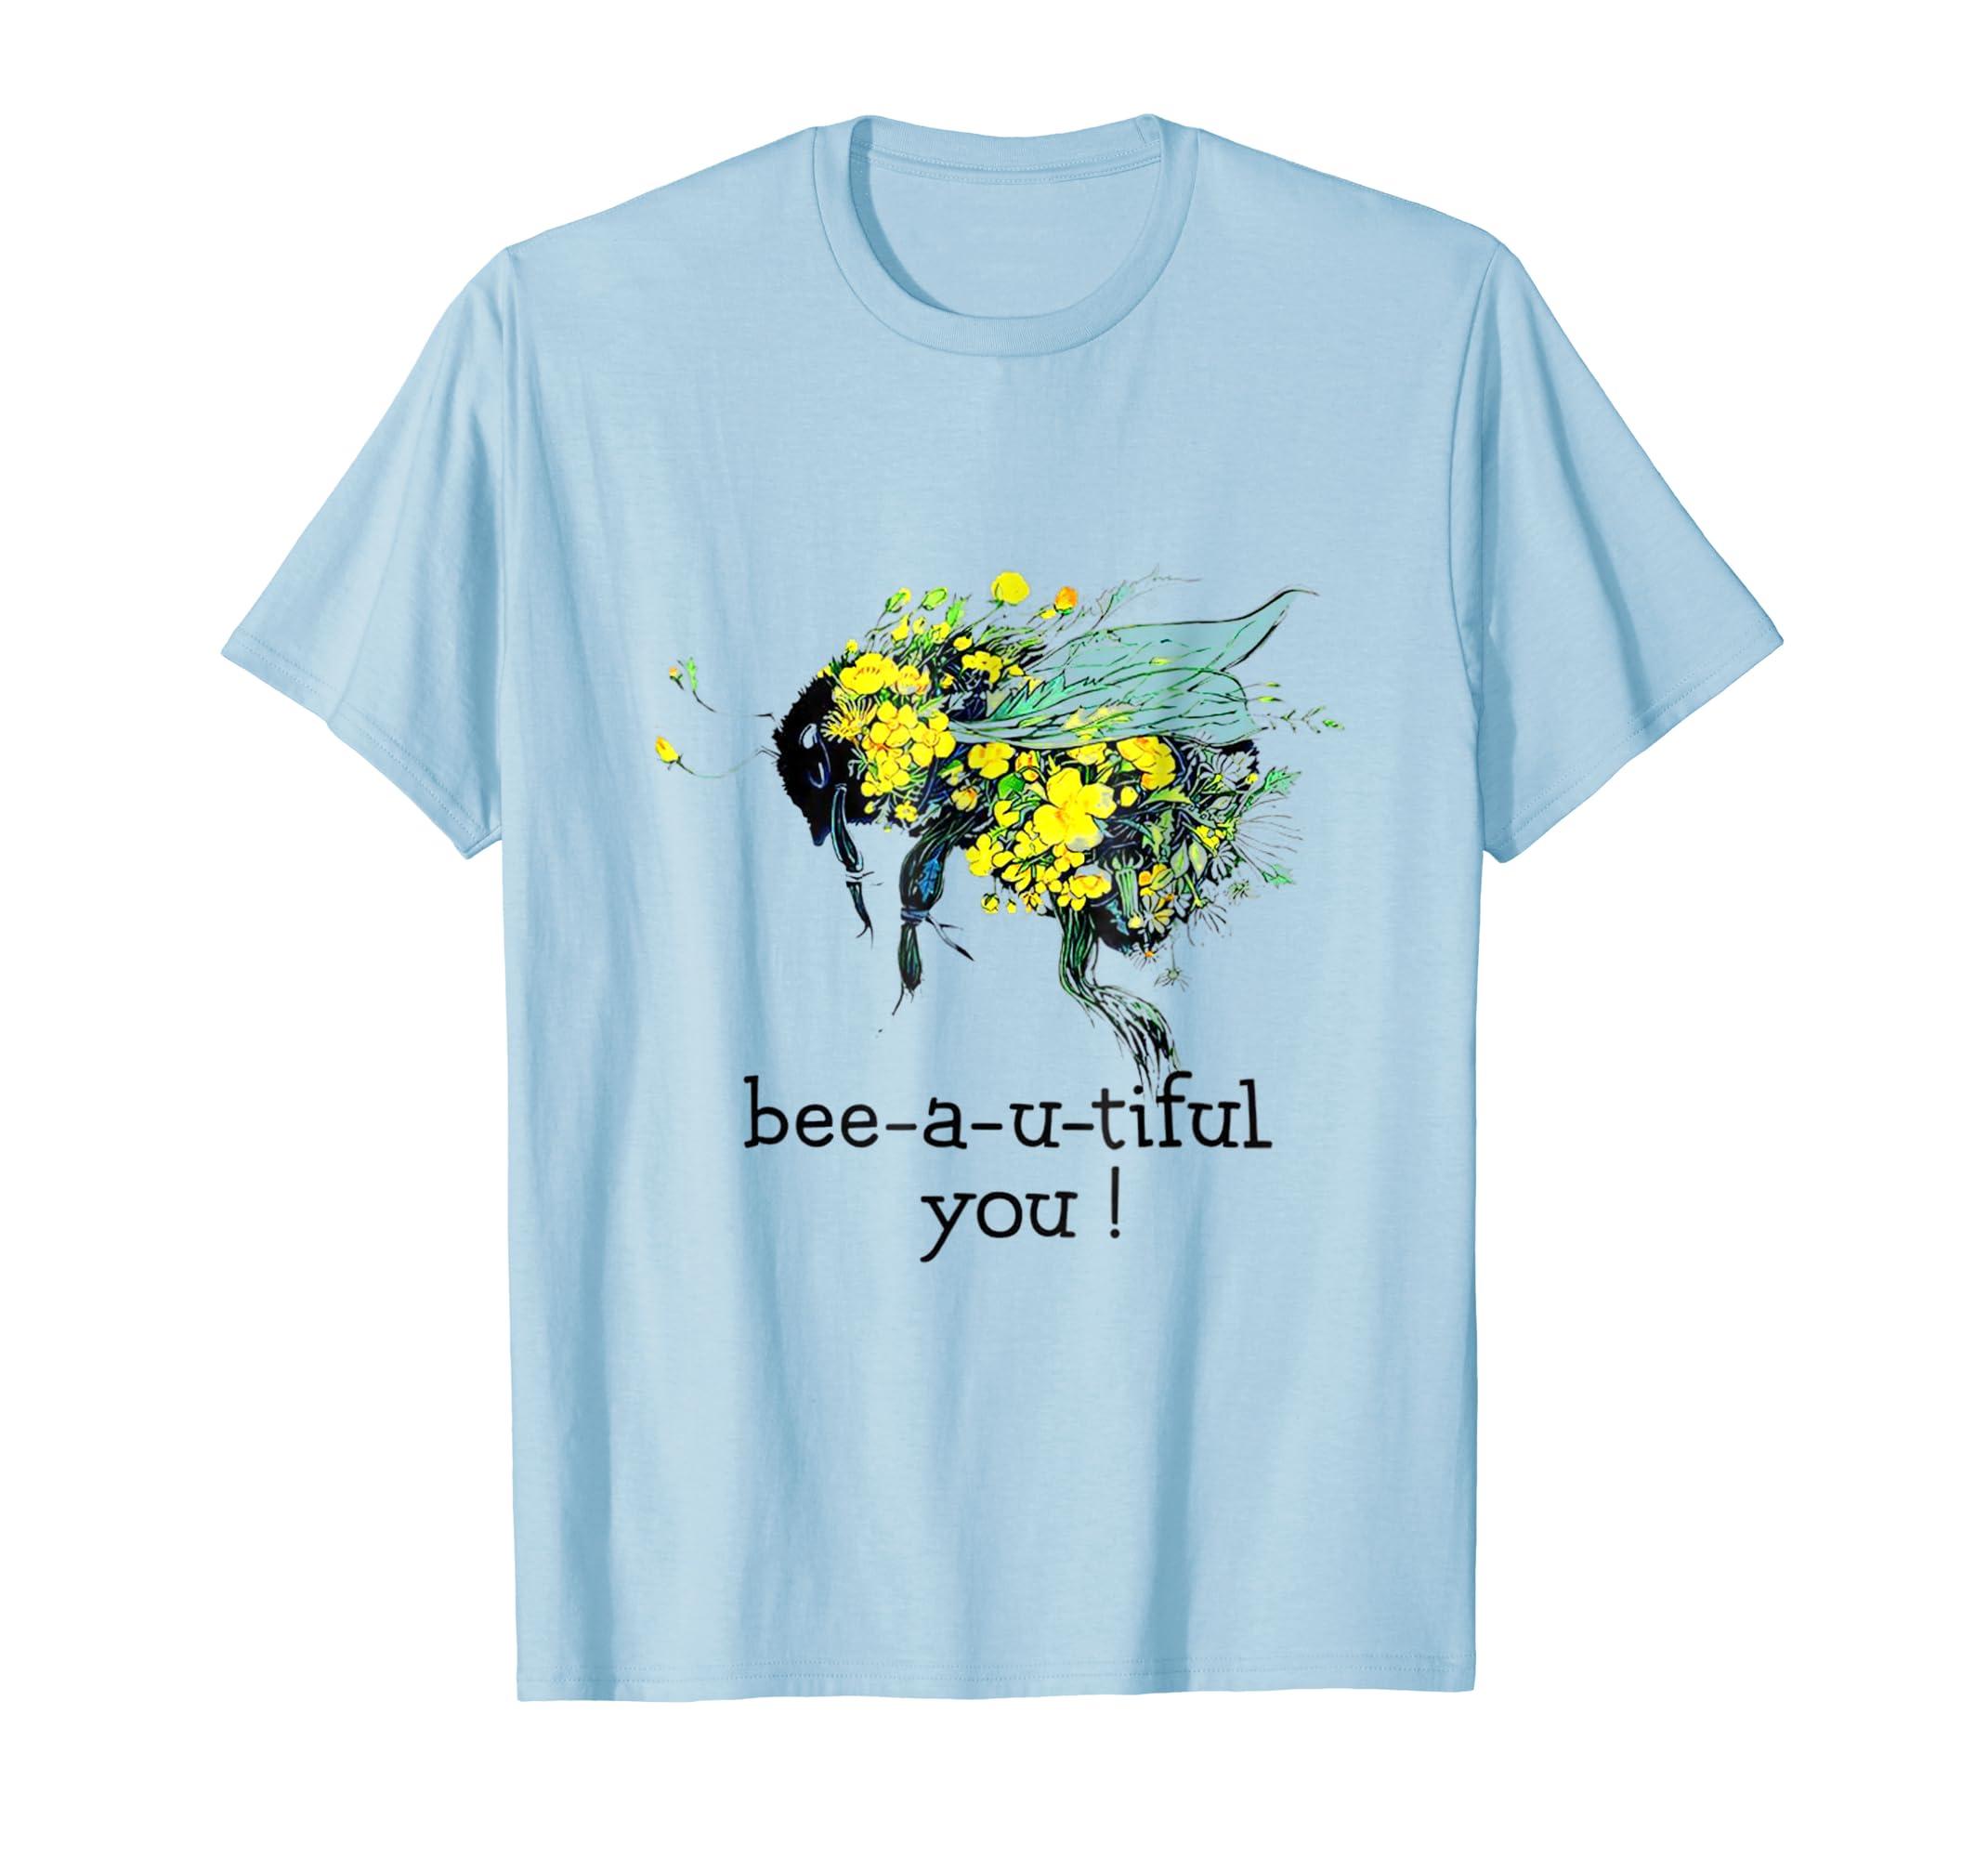 Bee a u tiful You Peace Tshirt Hot-Teesml